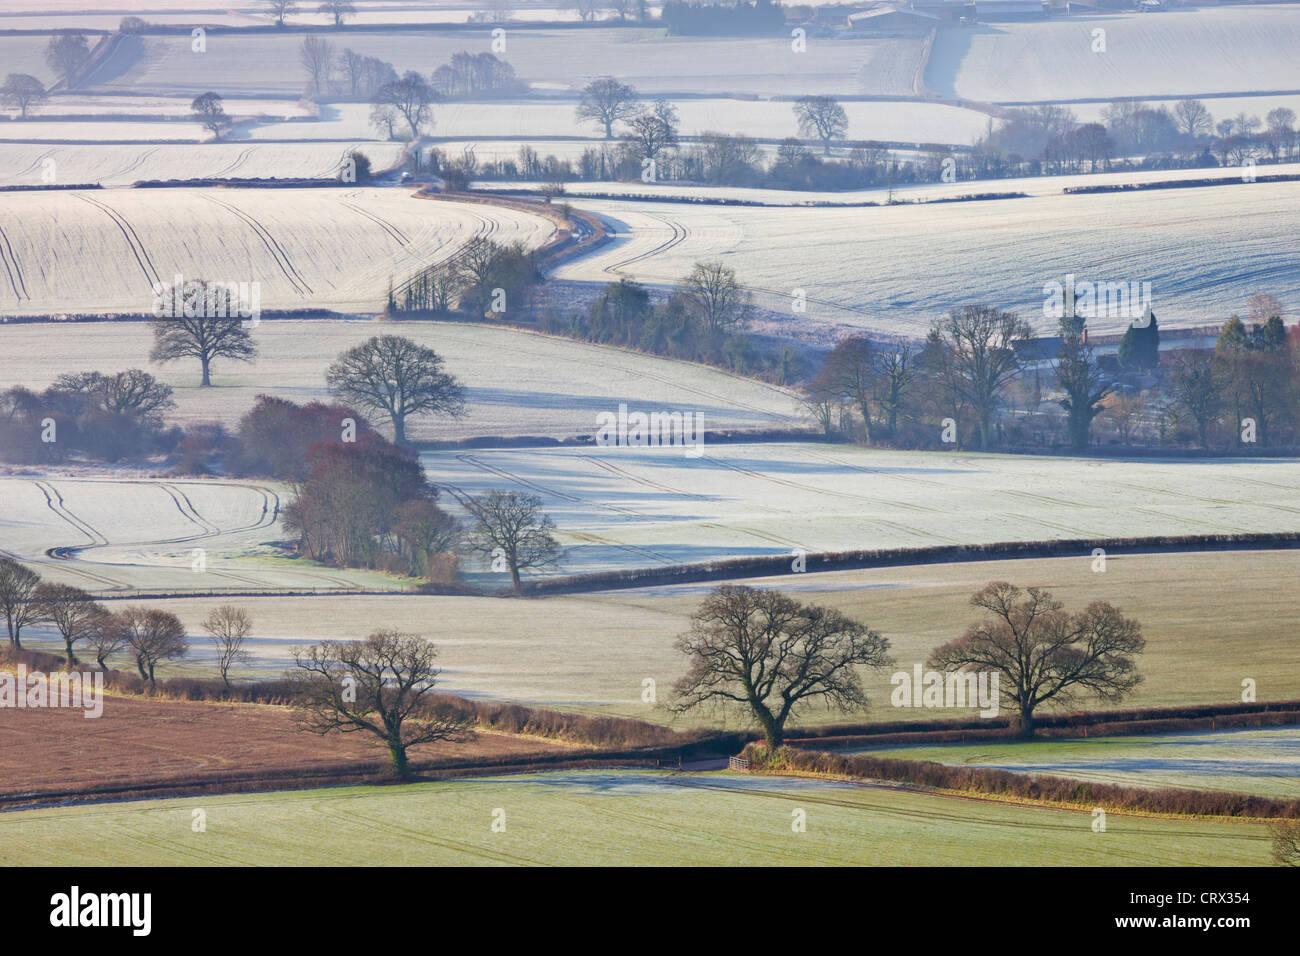 Les champs d'hiver givré près de Shobrooke, Devon, Angleterre. L'hiver (mars) 2010. Banque D'Images